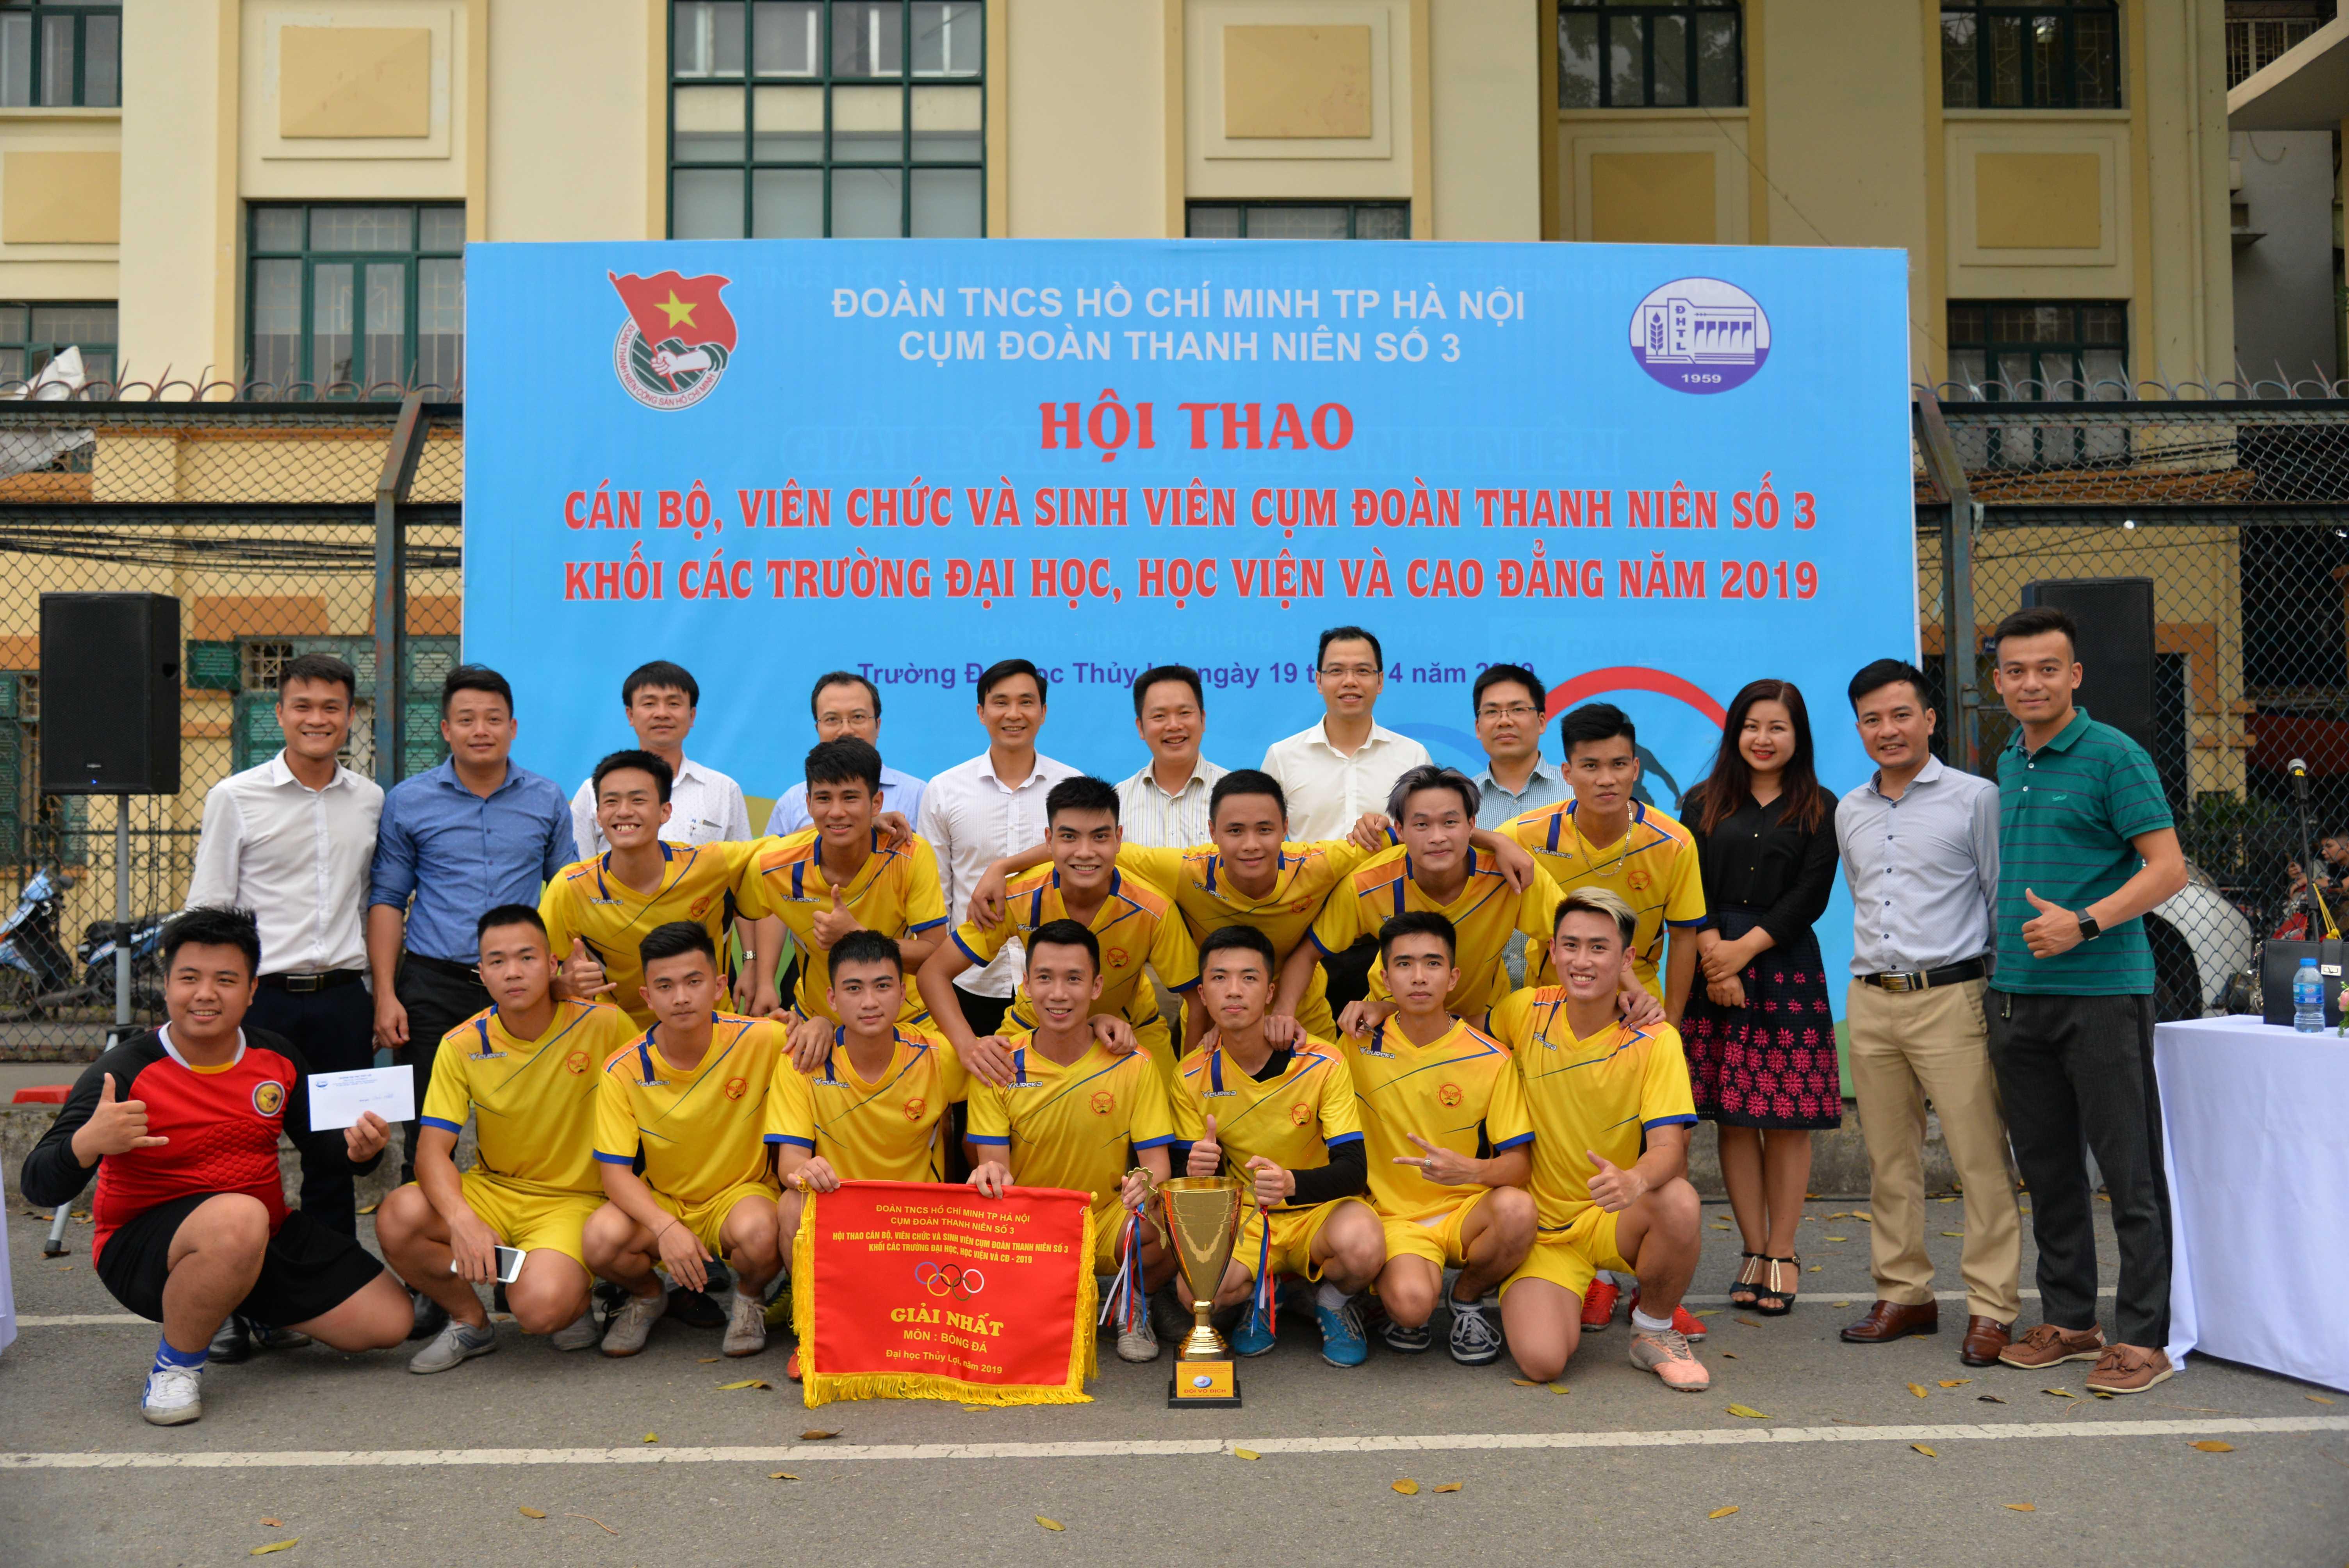 Lễ bế mạc và chung kết bóng đá Hội thao Cụm Đoàn Thanh niên số 3